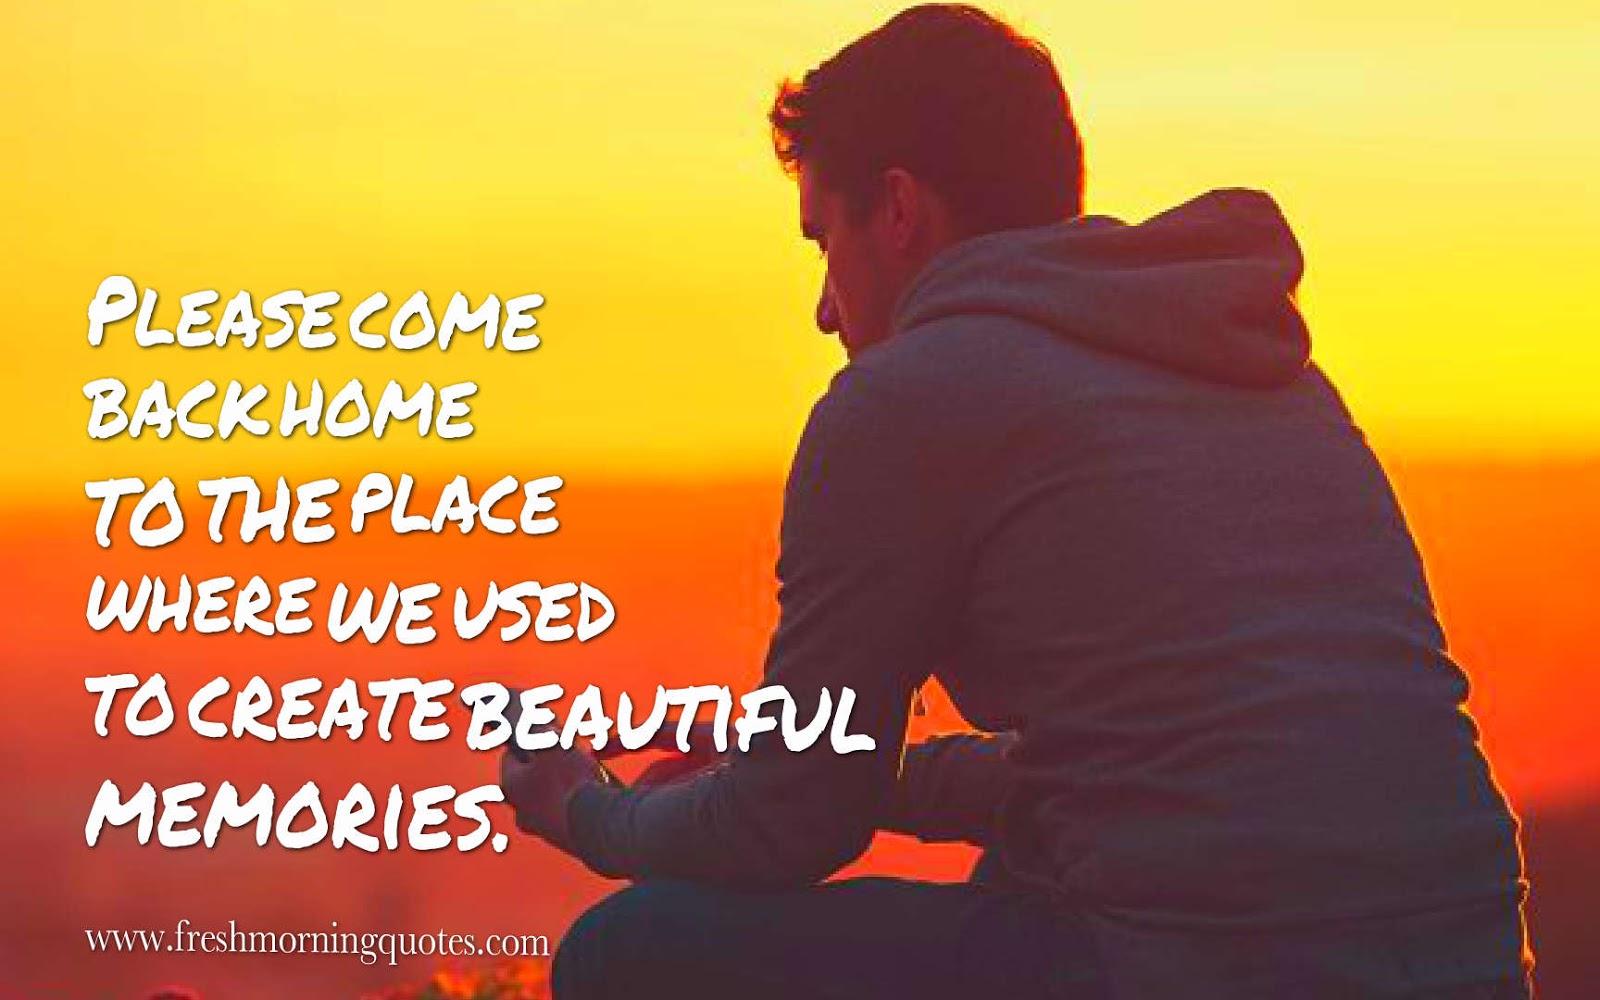 create beautiful memories